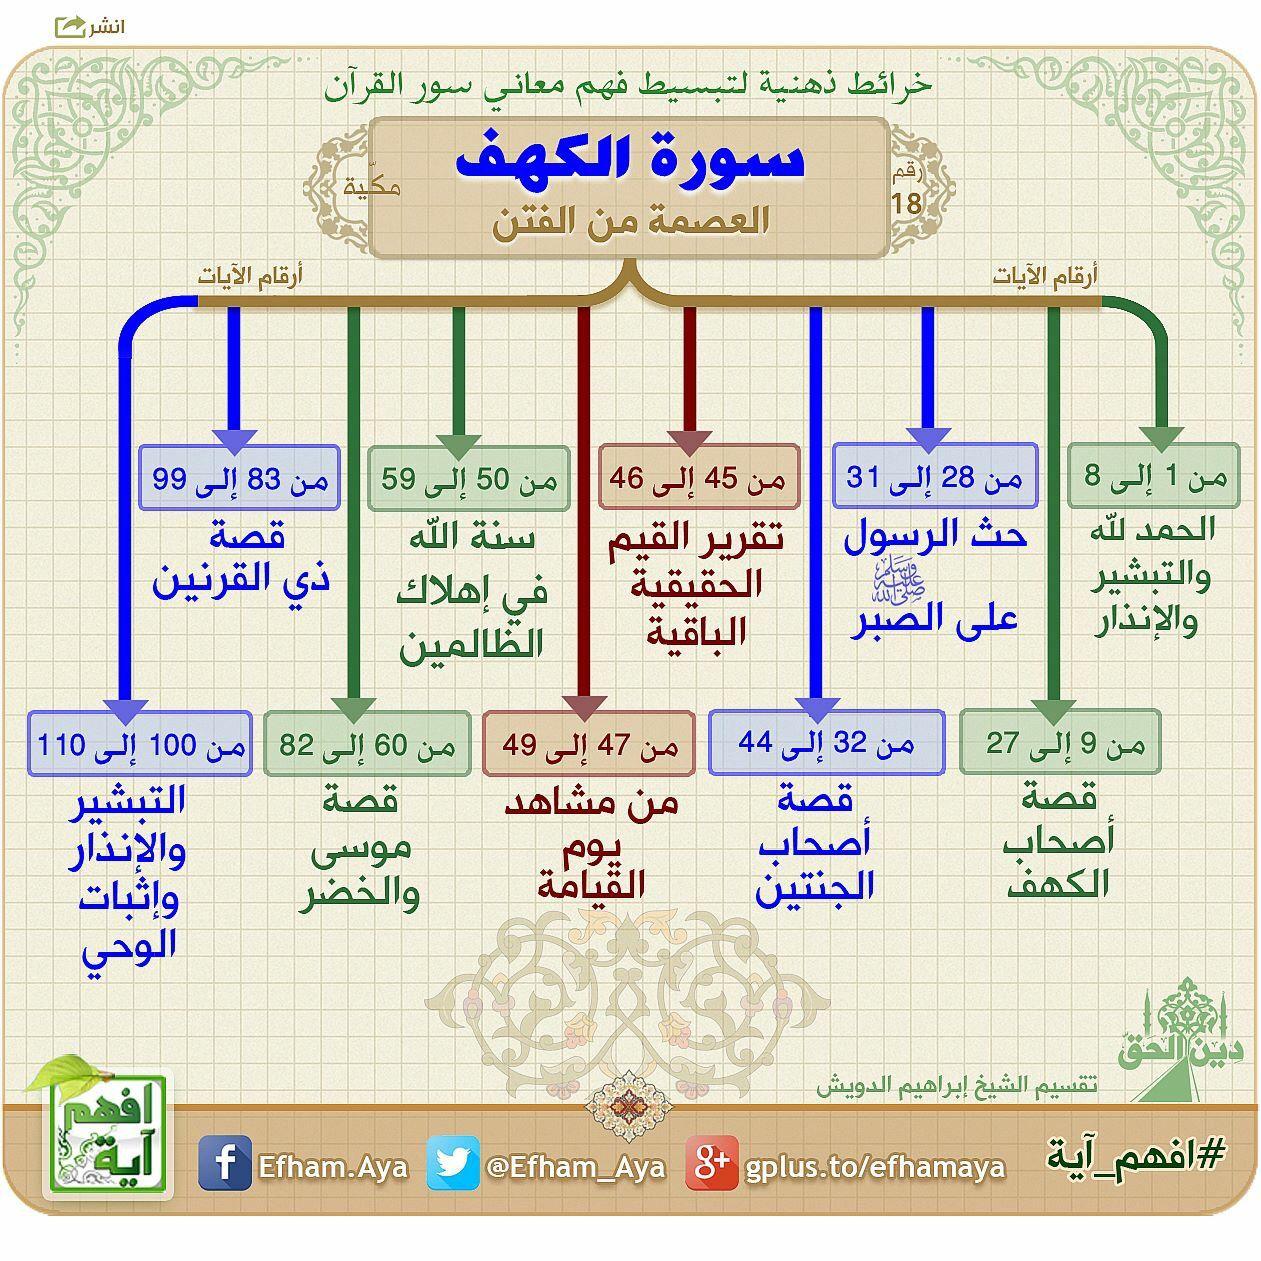 خرائط ذهنية سورة الكهف Quran Recitation Quran Tafseer Islam Beliefs